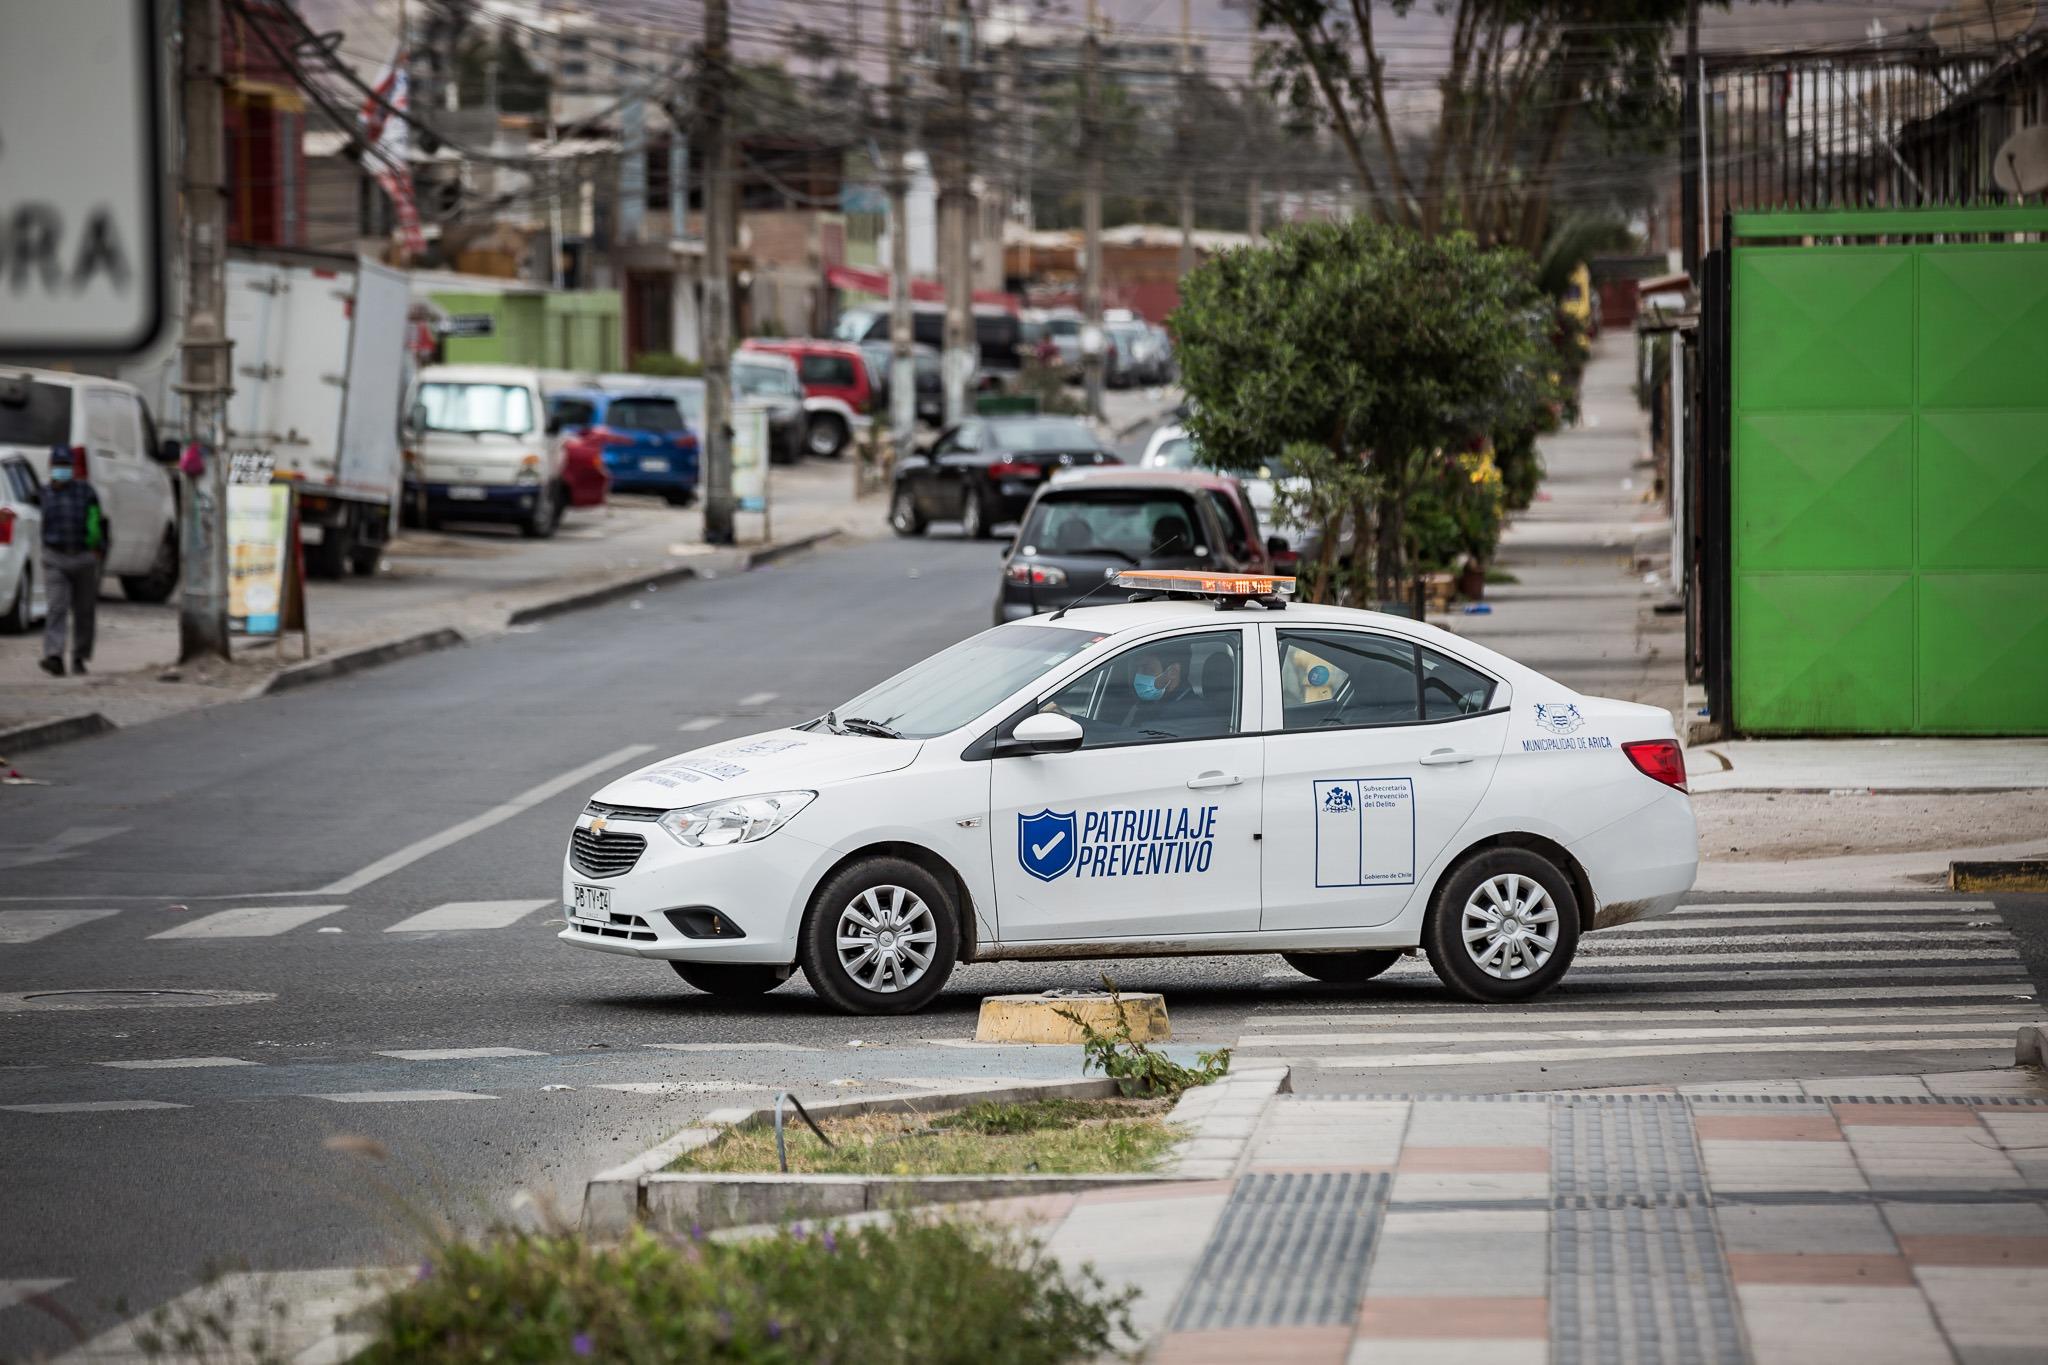 Arica al día – Más de 600 Procedimientos Llevan los Patrullajes Preventivos Municipales a A los Meses de su Puesta en Parcha